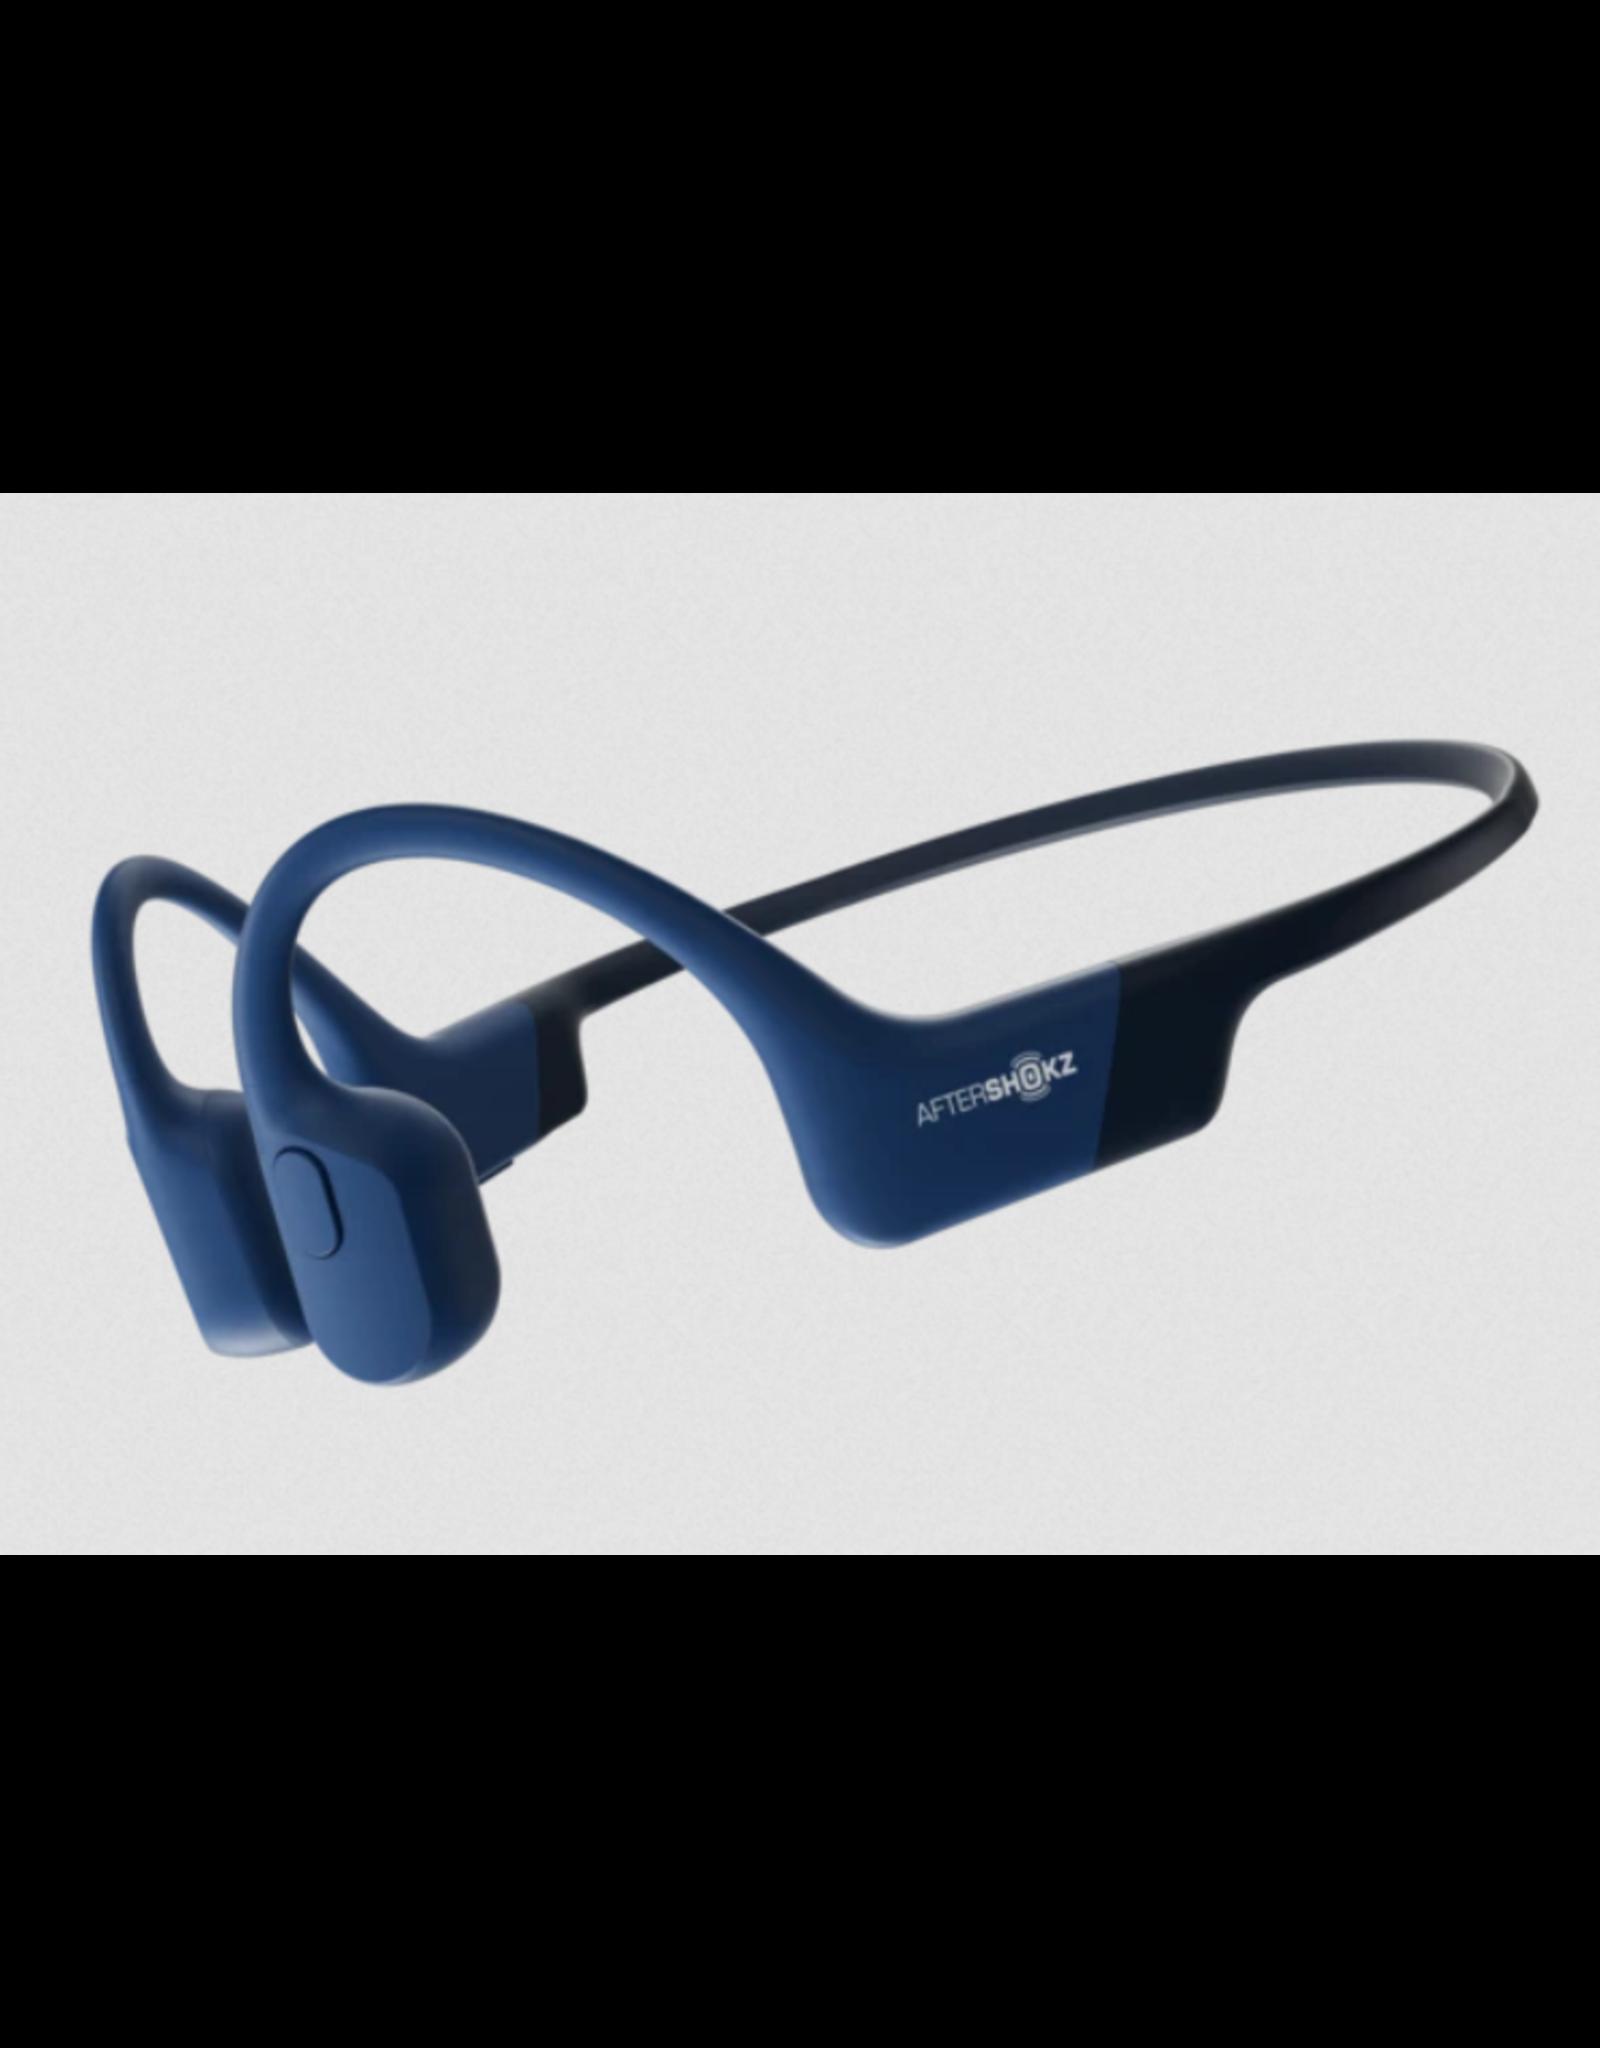 Aftershokz Aftershokz Aeropex Bluetooth Headphones IP67 Blue Eclipse SKU:49513